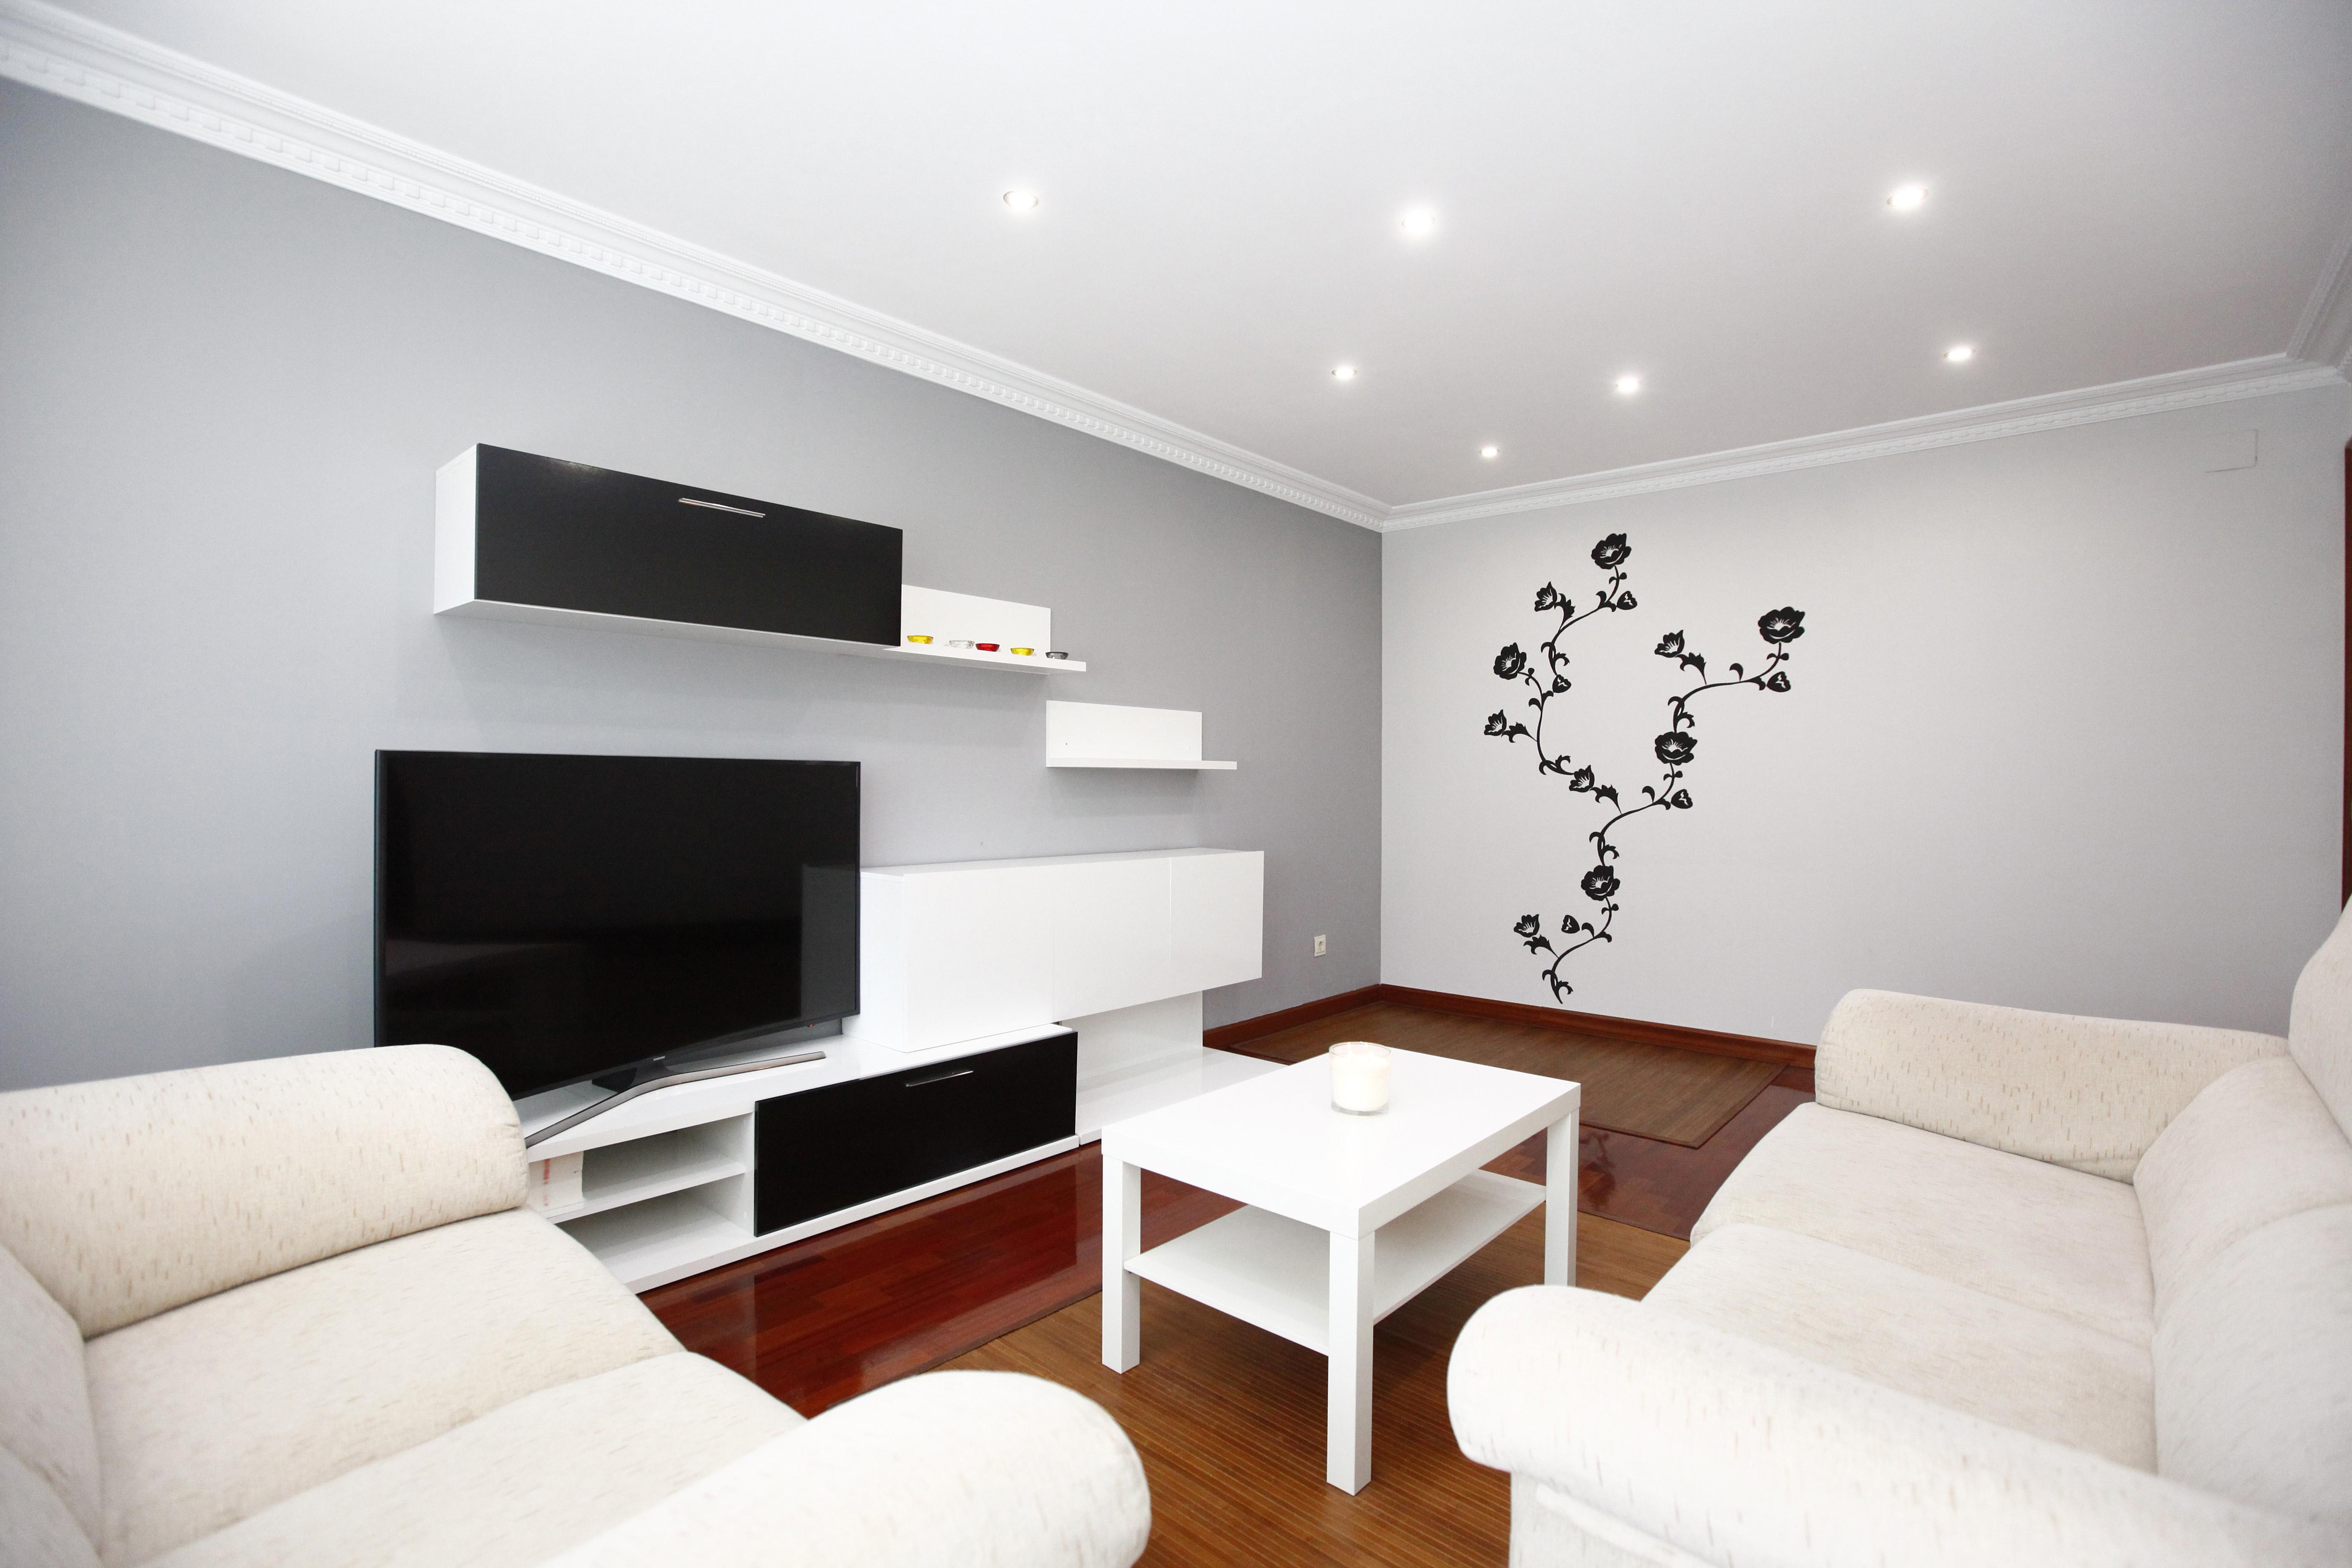 Piso amueblado y reciente de 80 m2 + ámplio trastero. Se compone de cocina equipada e independiente, salón comedor, 3 habitaciones y 2 baños.